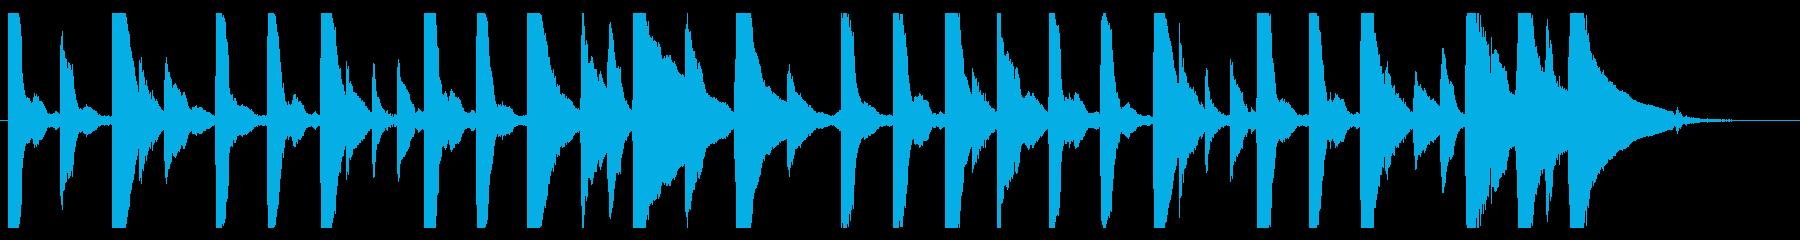 ジングル - 曇りの日の曲の再生済みの波形